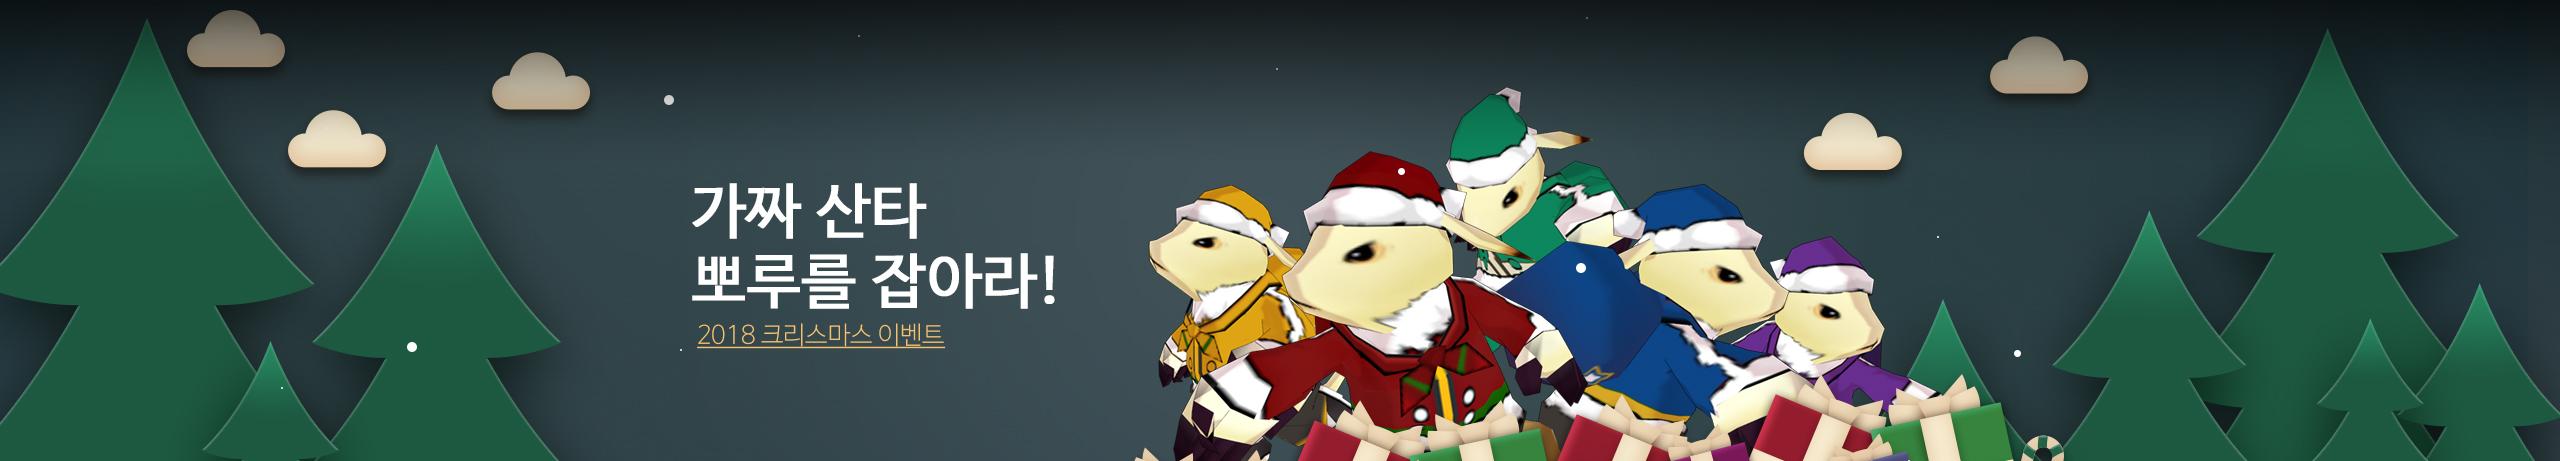 크리스마스 이벤트 이동